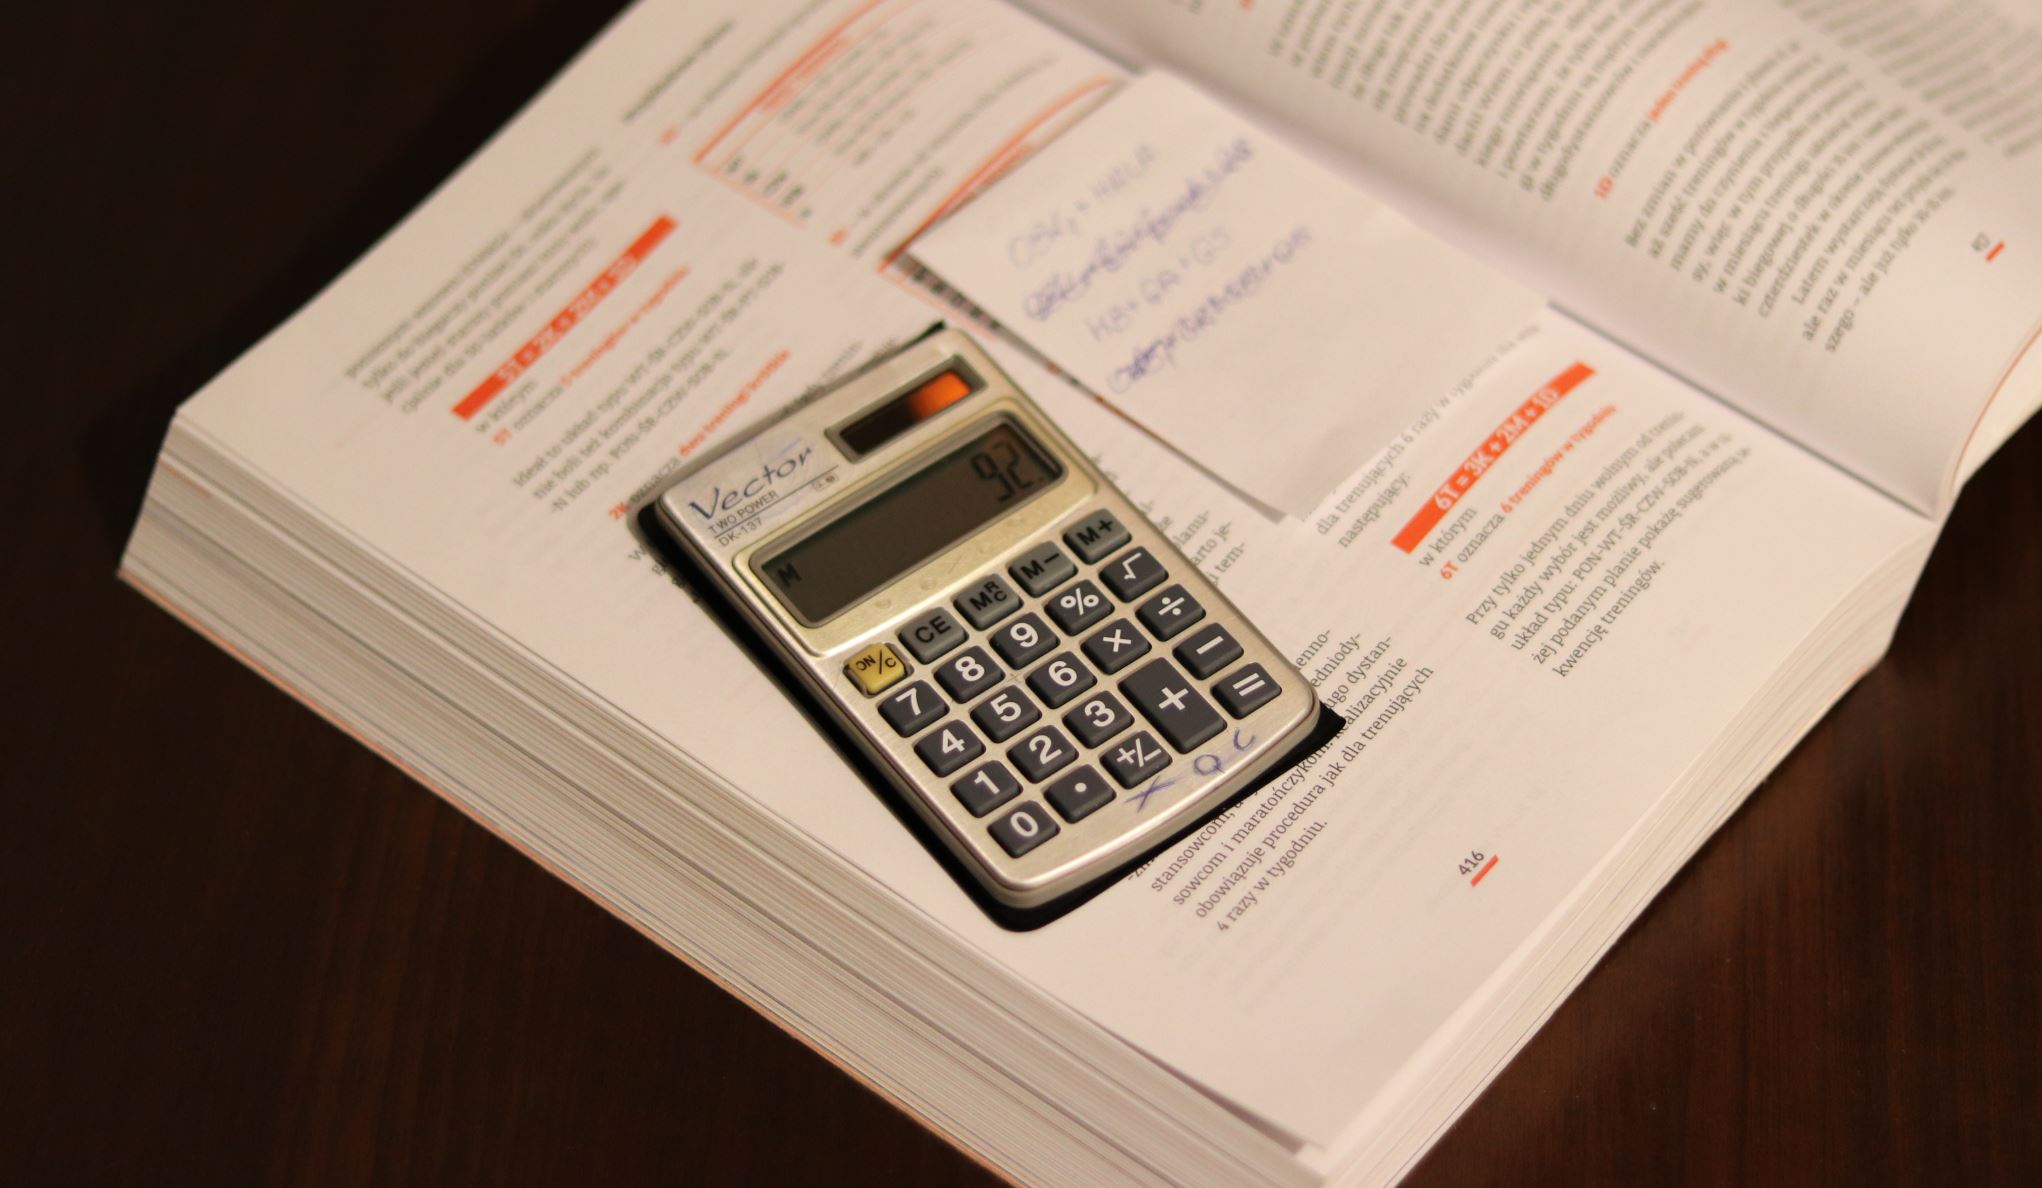 Zaawansowany kalkulator dla biegu z narastającą prędkością